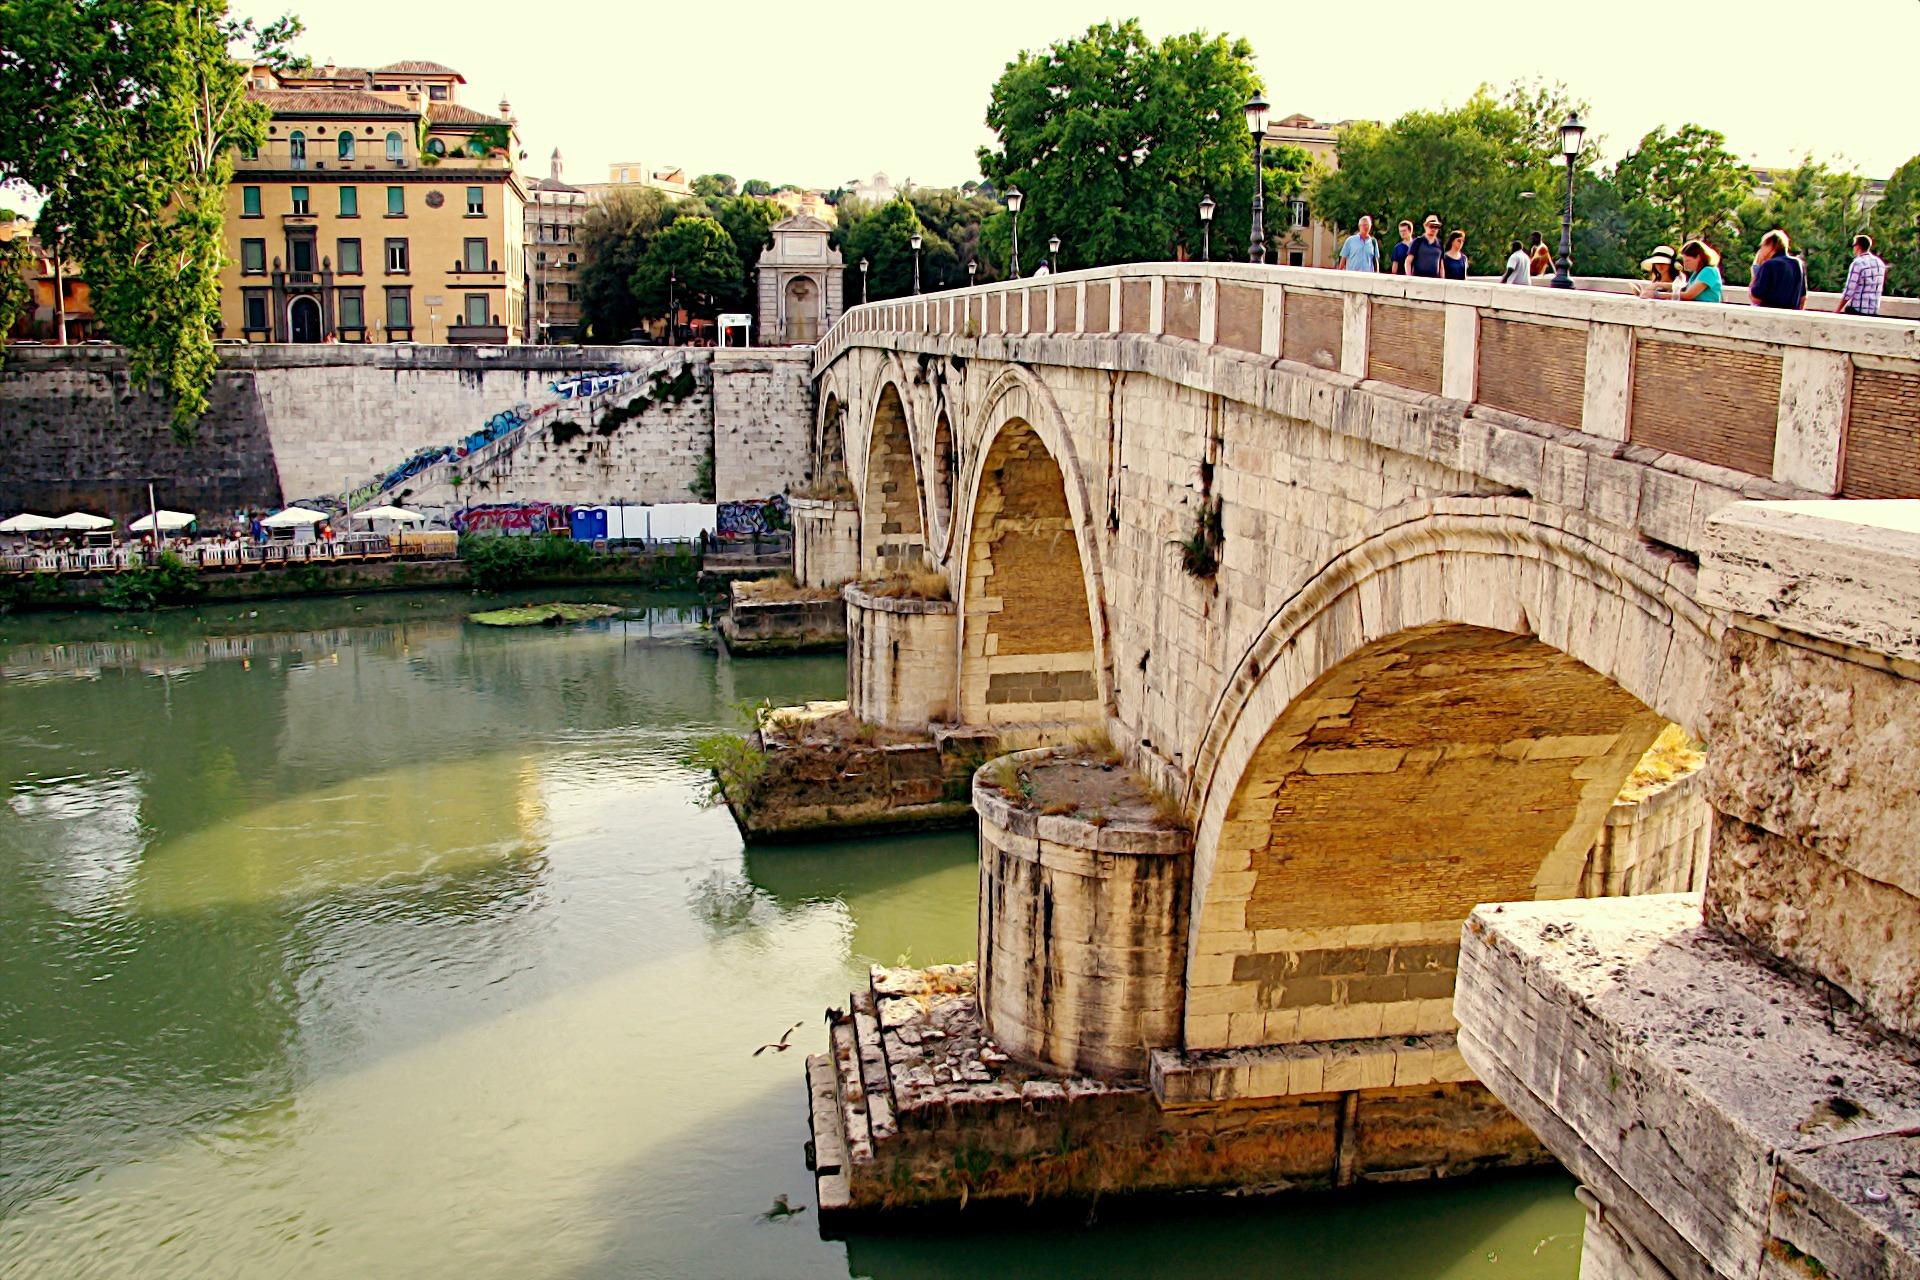 Rzym - Most Sykstyński (Ponte Sisto)